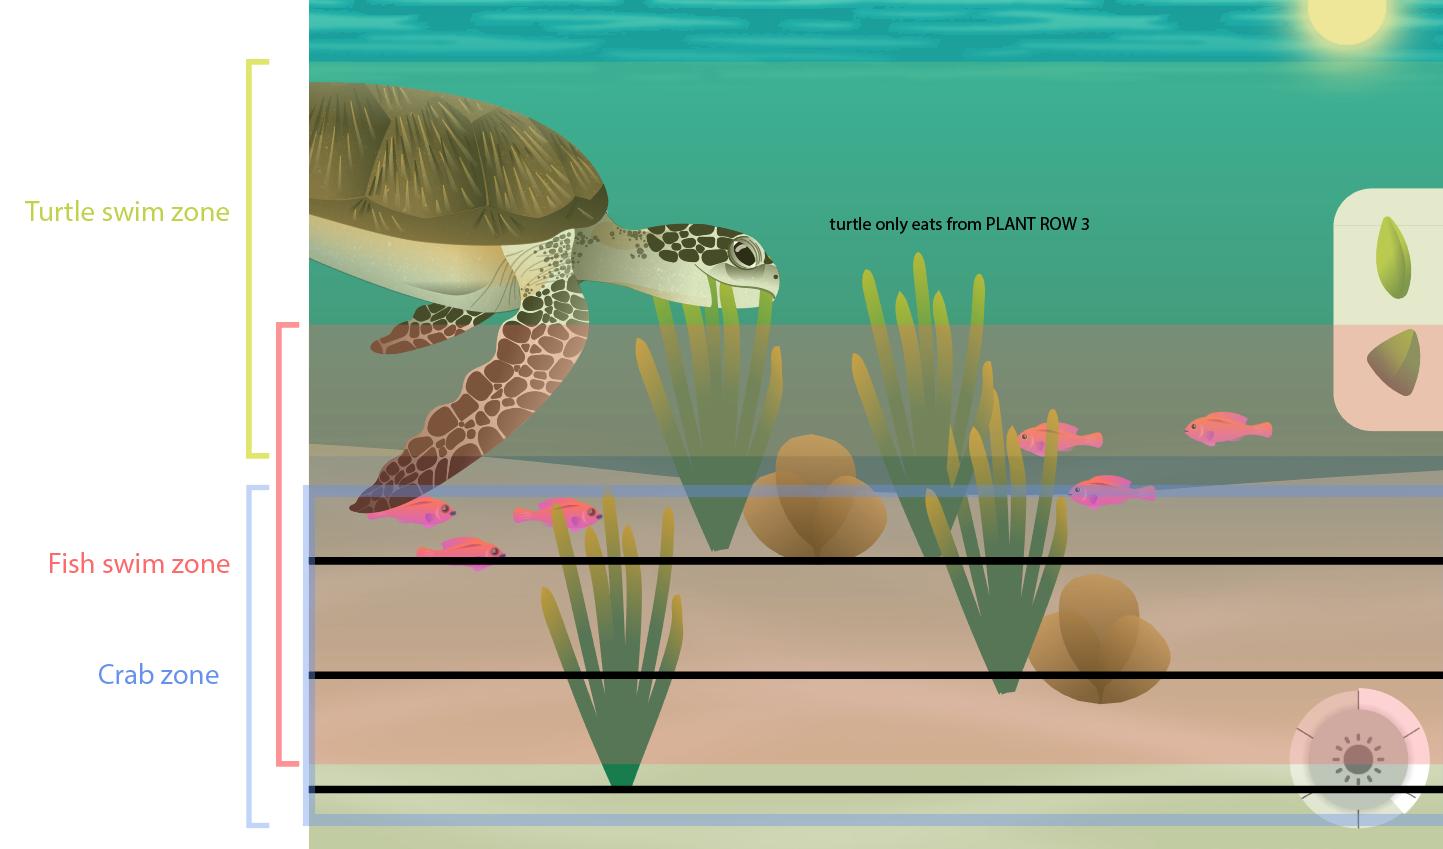 Mockup in illustrator using app artwork.